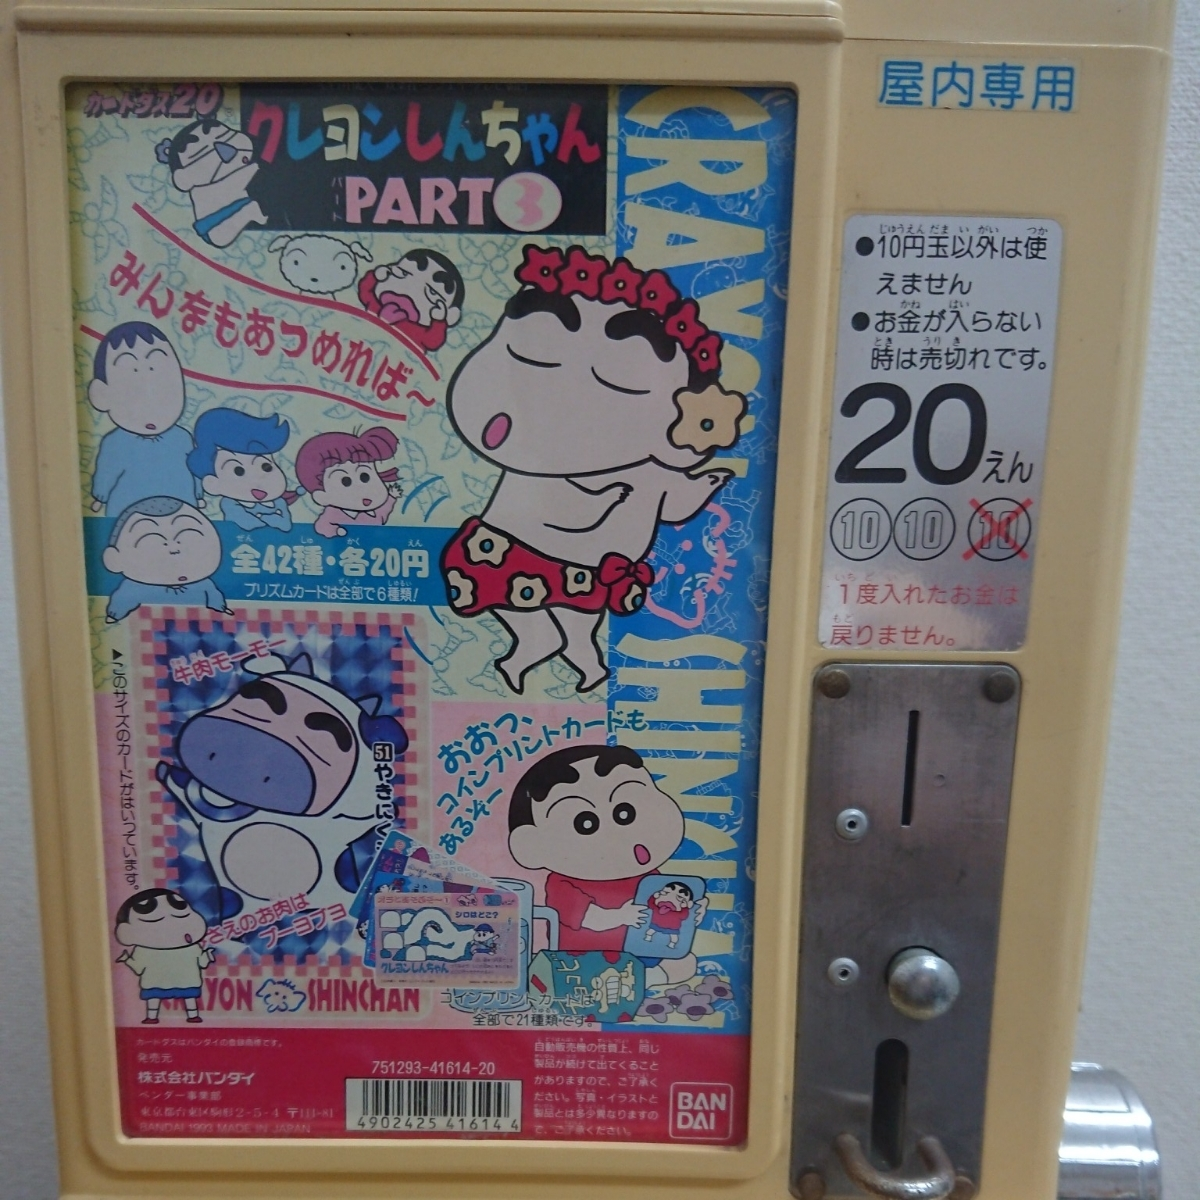 ■1円~ バンダイ カードダス20 1988年製 本体 可動品 台紙は クレヨンしんちゃん part3 発送はゆうパック120_画像2